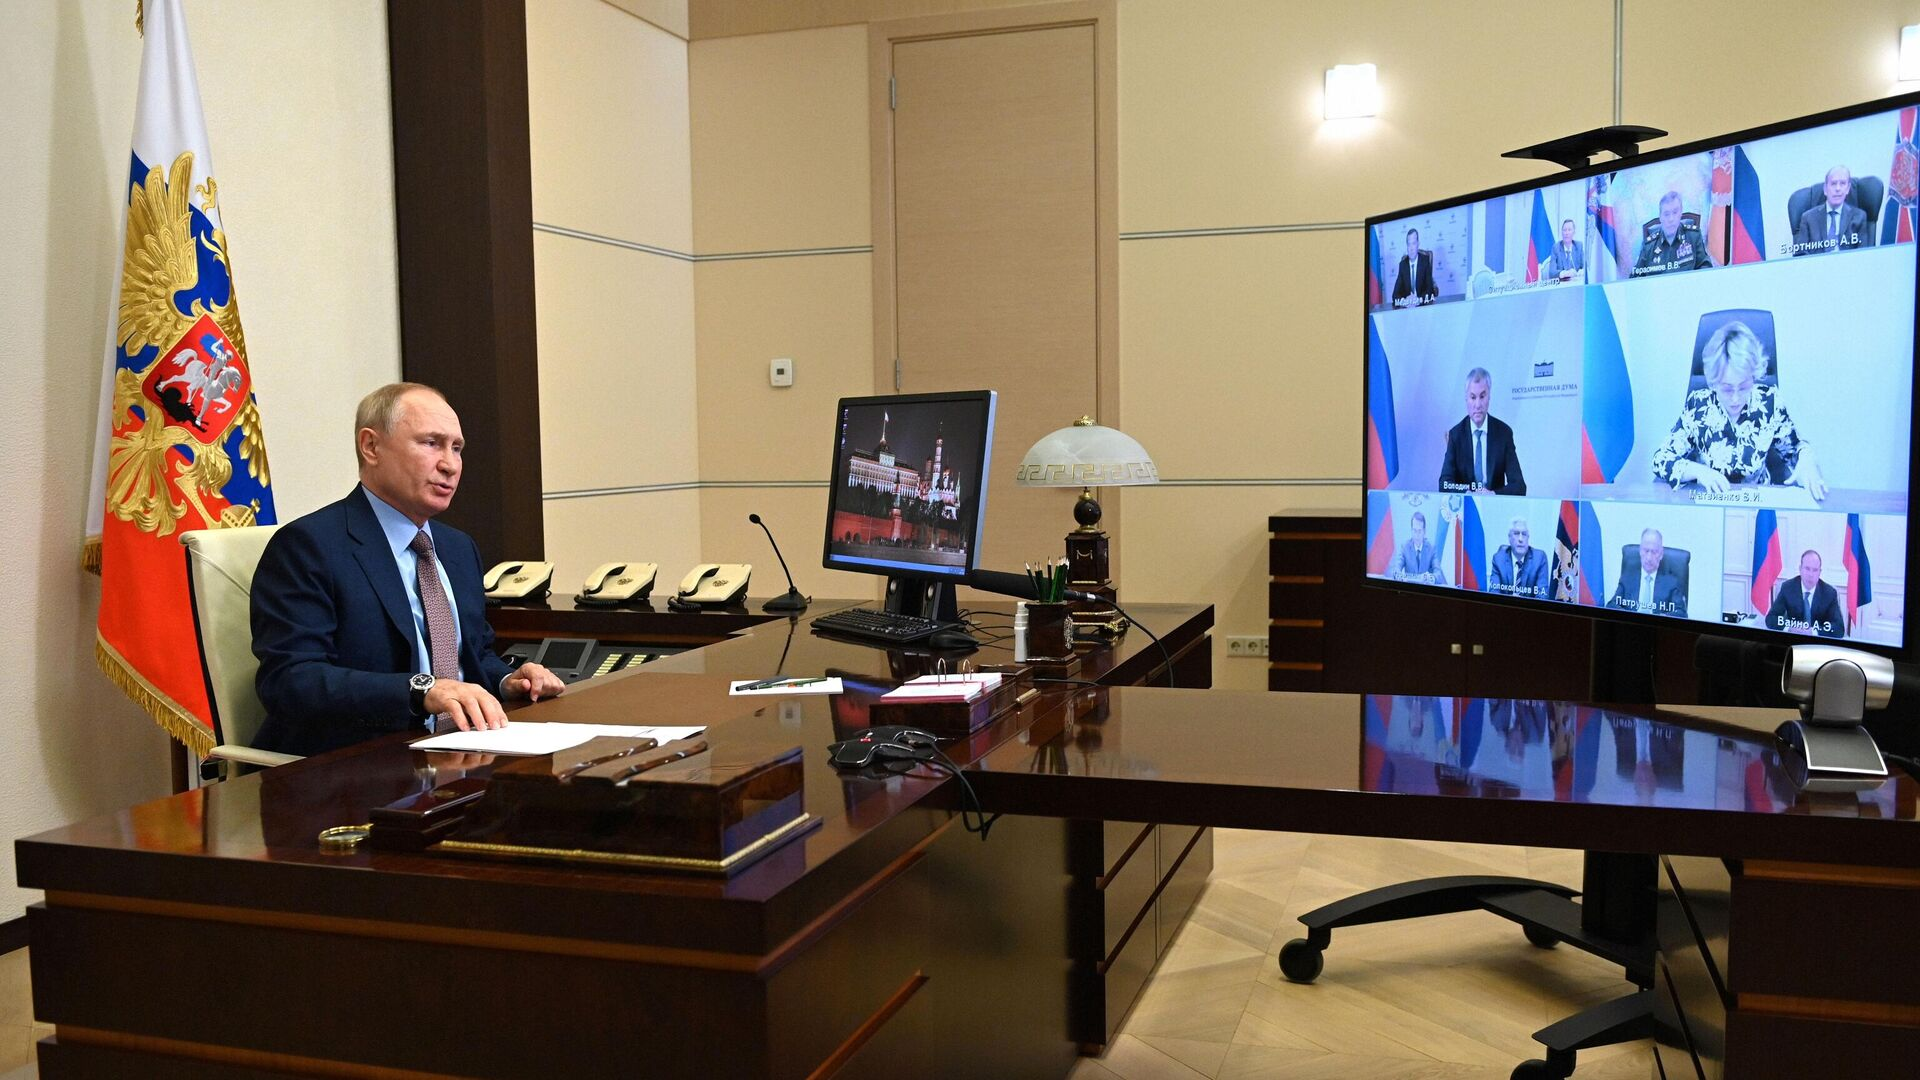 Владимир Путин проводит оперативное совещание с постоянными членами Совета безопасности РФ в режиме видеоконференции. - РИА Новости, 1920, 28.07.2021